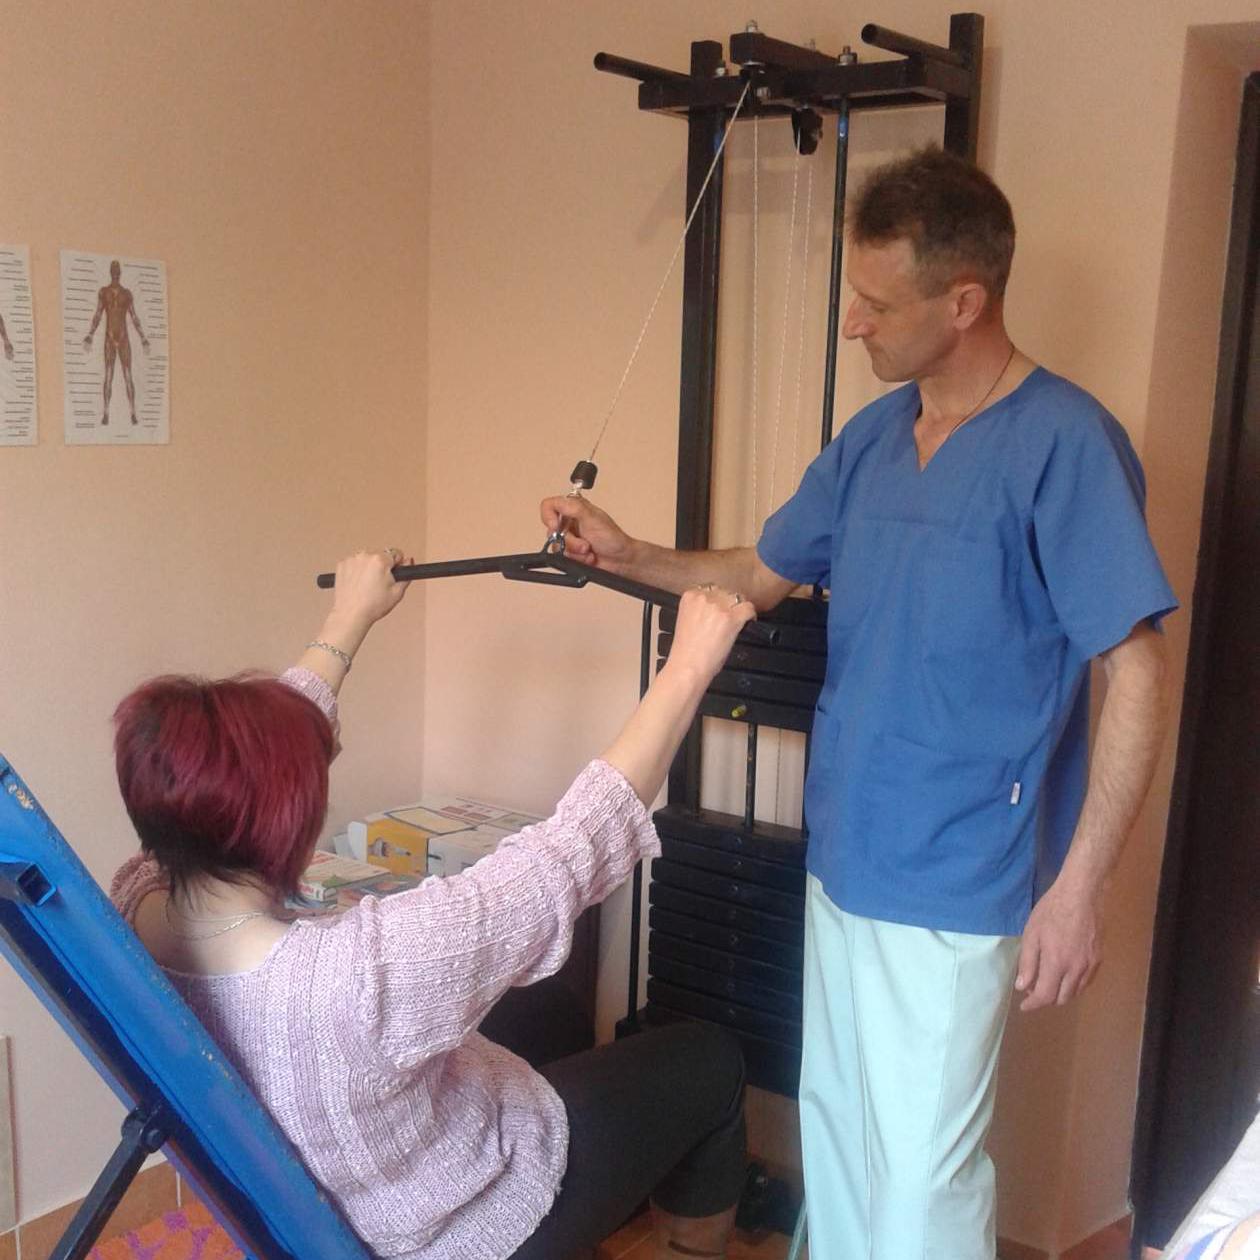 массажист-инструктор ЛФК,кинето, кинезитерапевт.